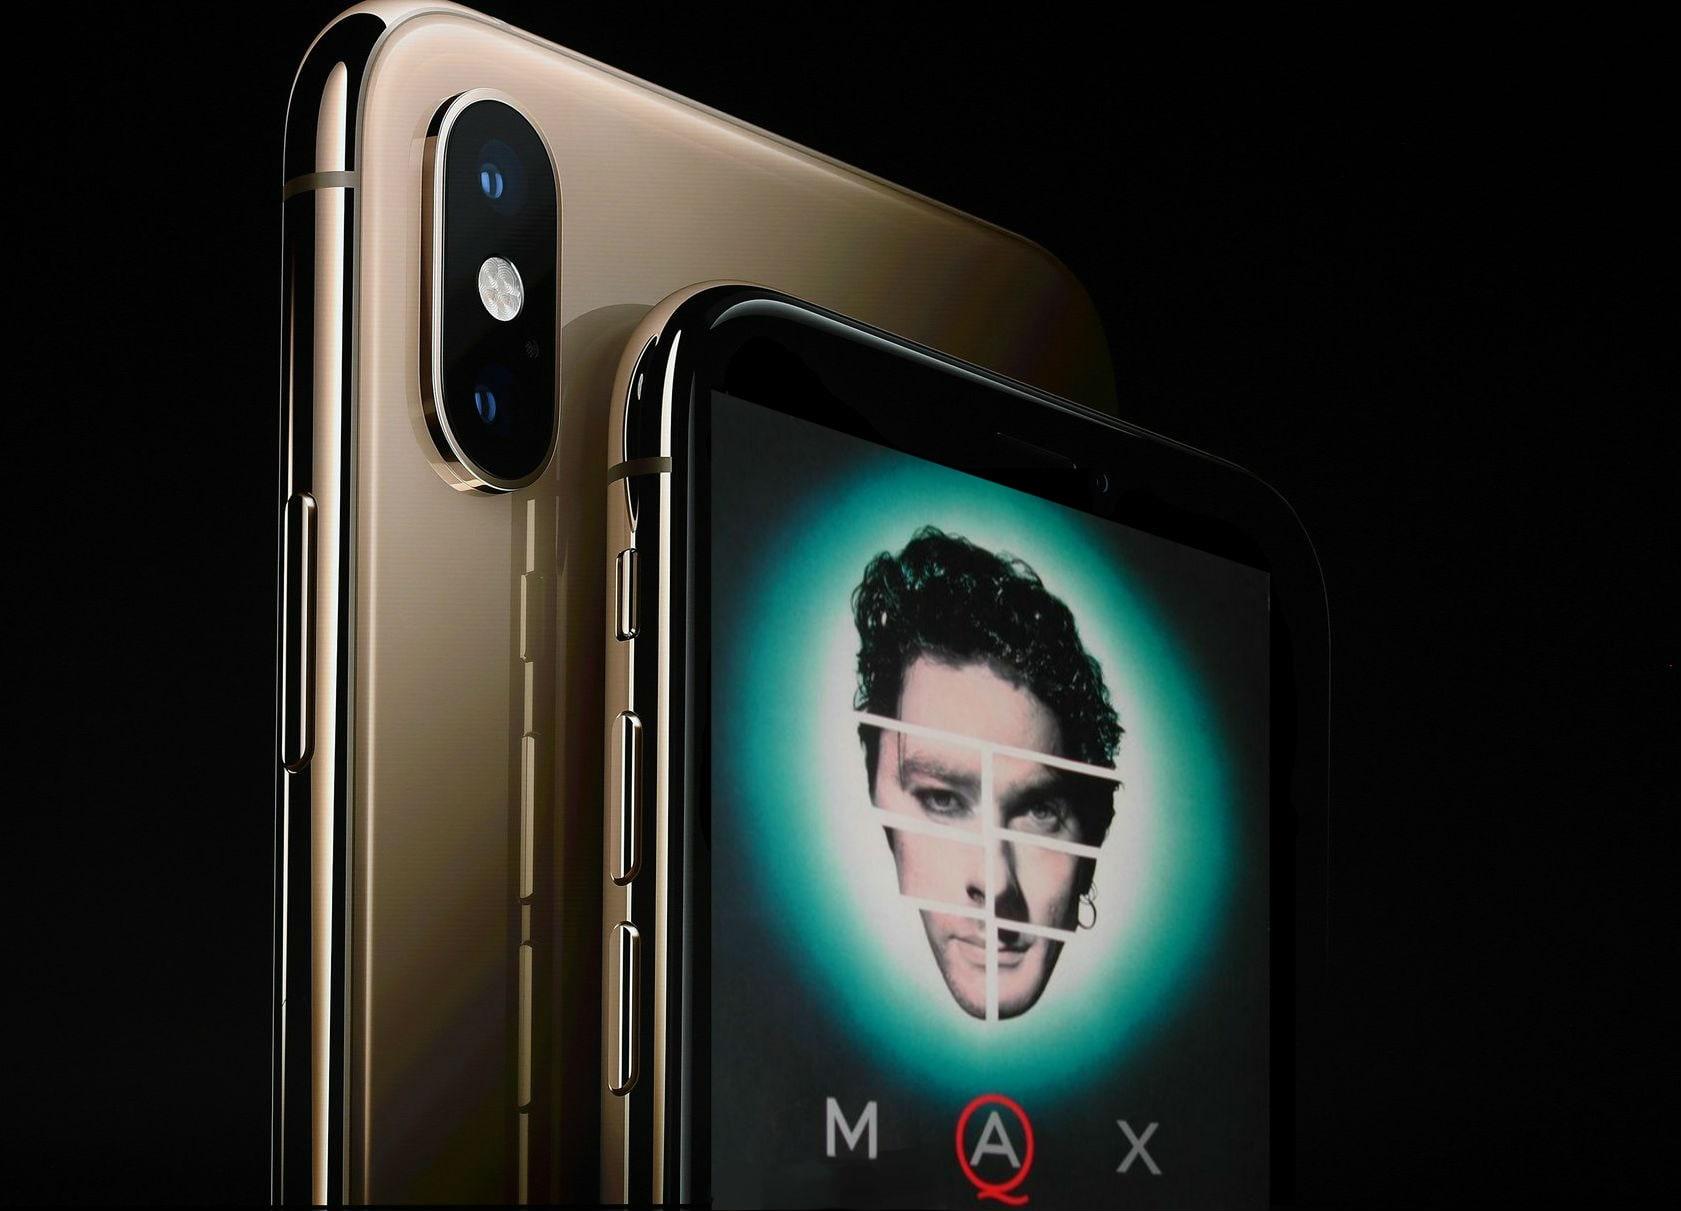 iphone xs max with max q album cover